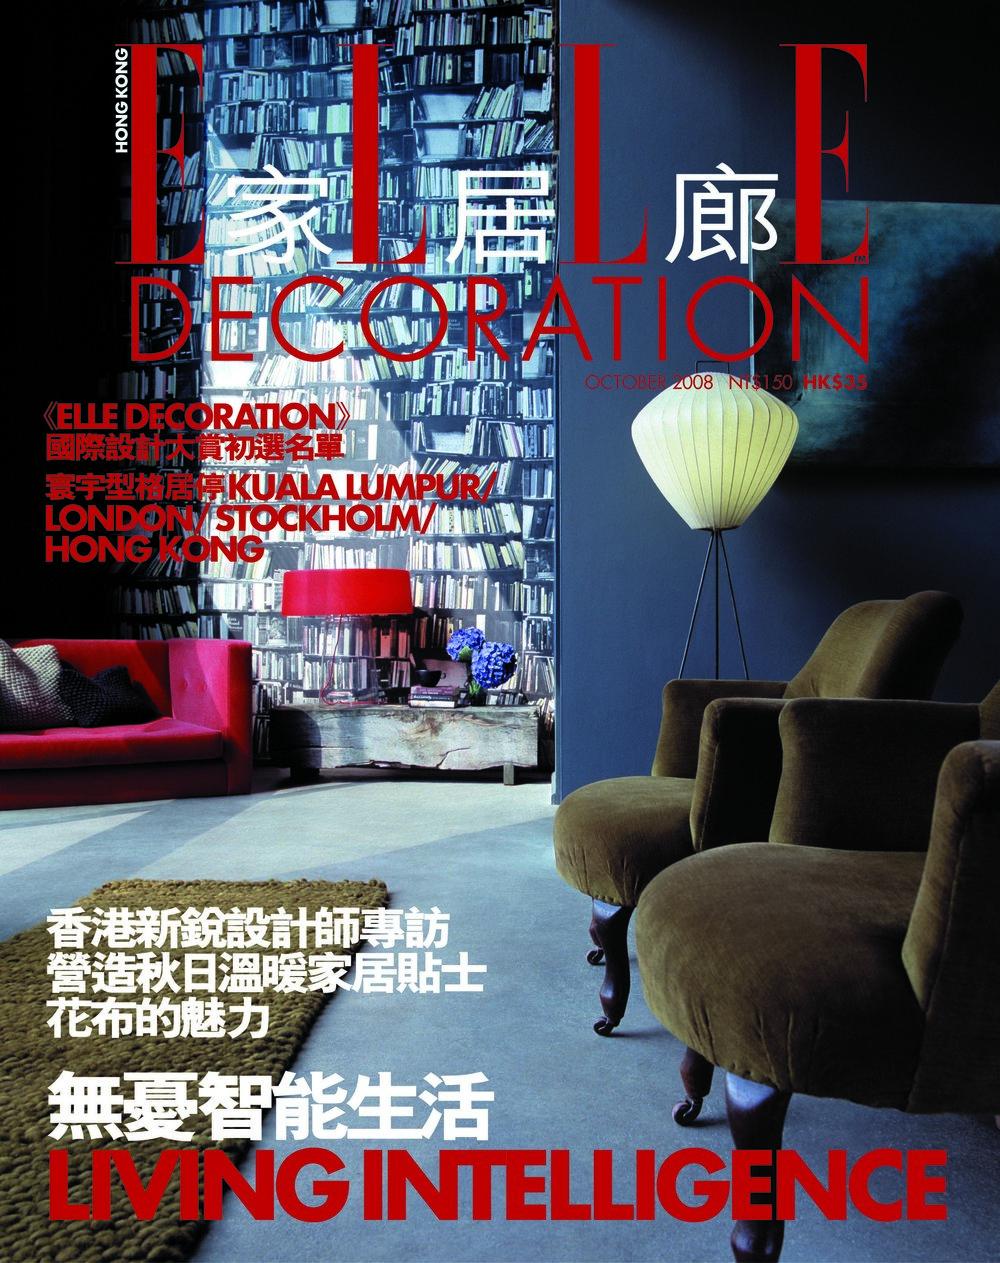 Elle Deco H.K cover.jpg